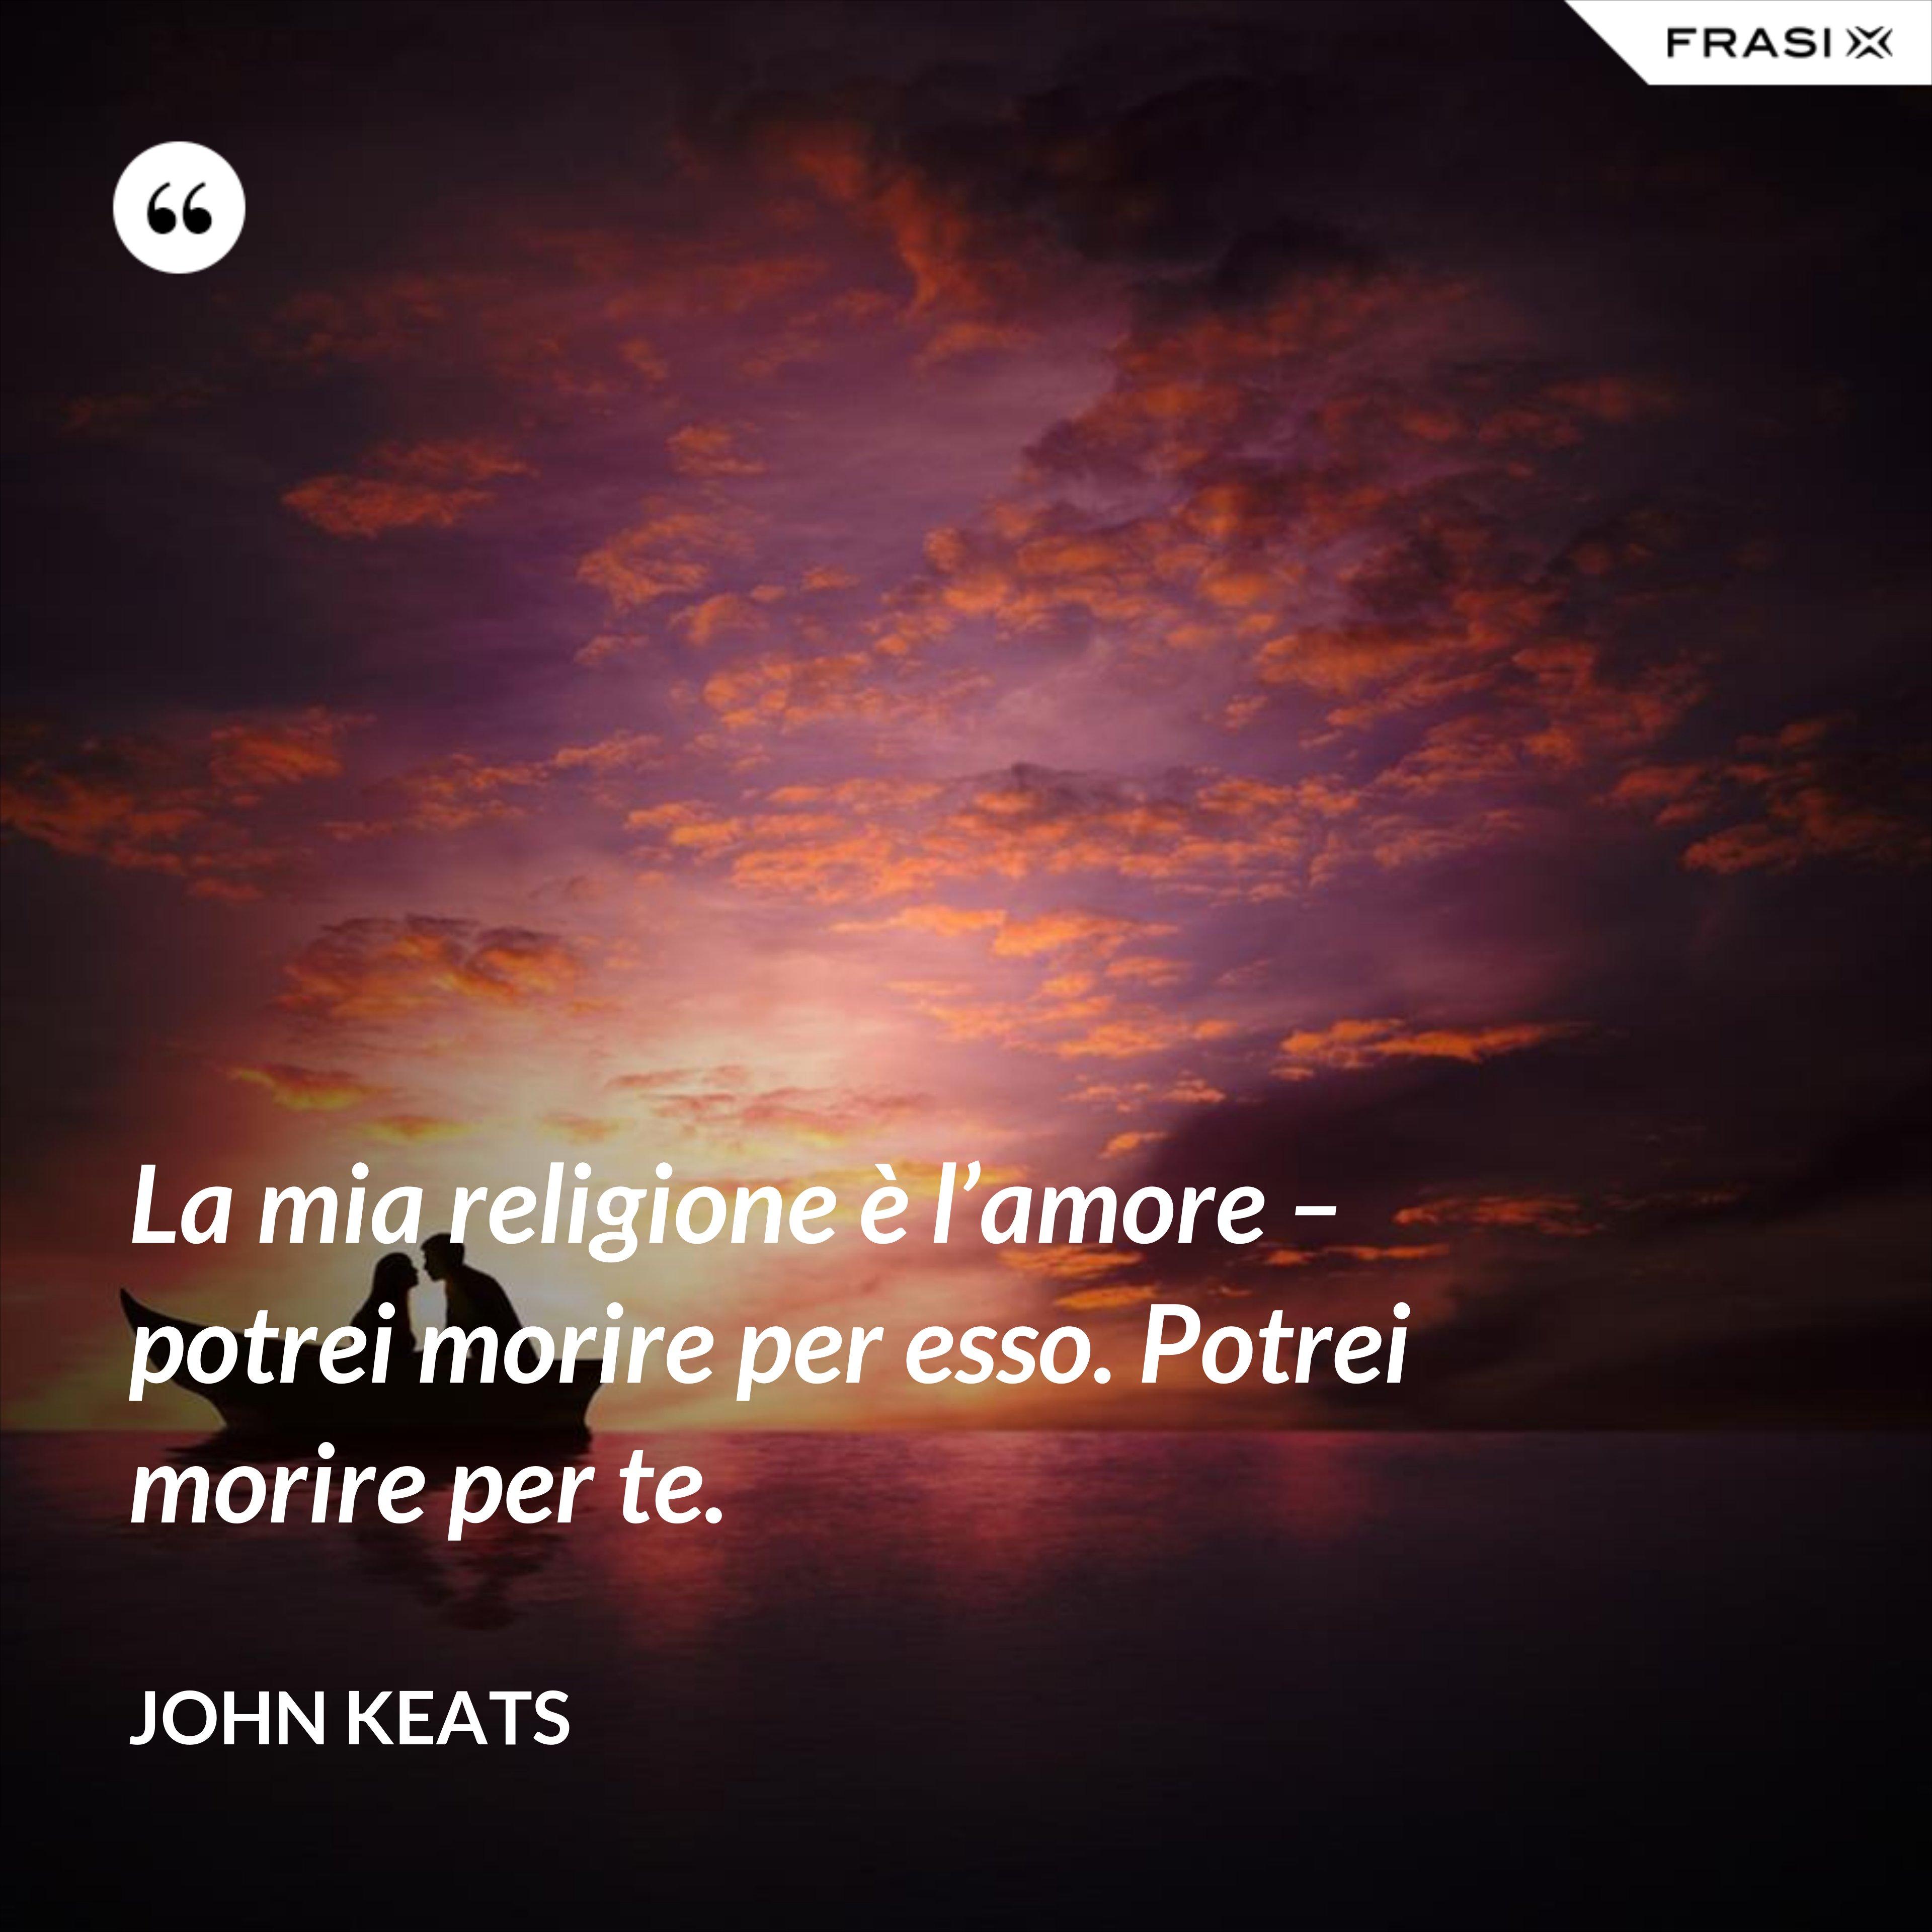 La mia religione è l'amore – potrei morire per esso. Potrei morire per te. - John Keats